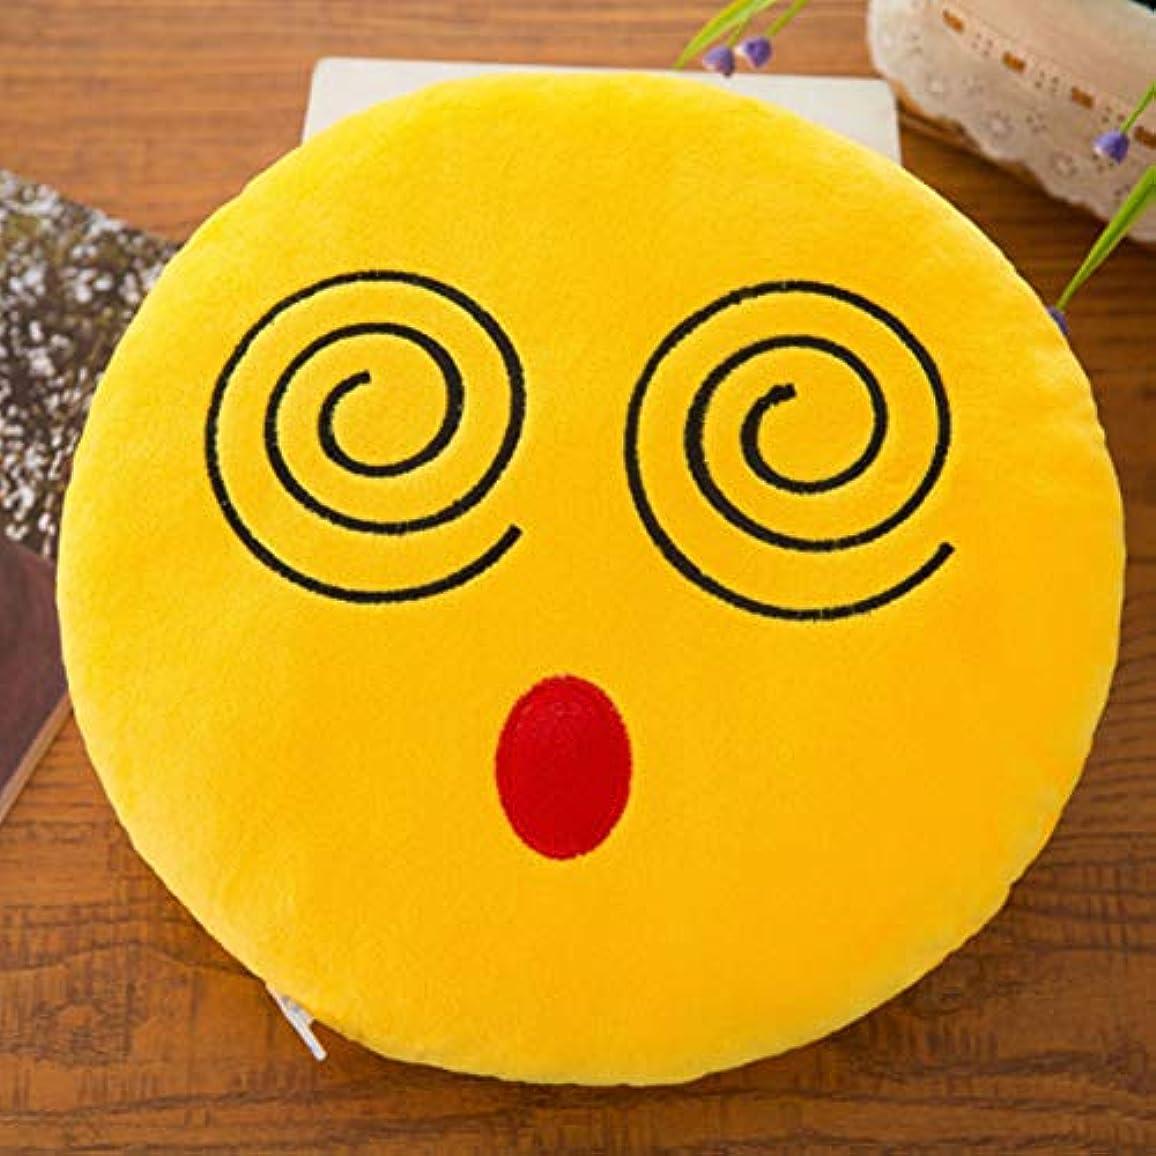 容量ドラッグハリウッドLIFE 40 センチメートルスマイル絵文字枕ソフトぬいぐるみ絵文字ラウンドクッション家の装飾かわいい漫画のおもちゃの人形装飾枕ドロップ船 クッション 椅子